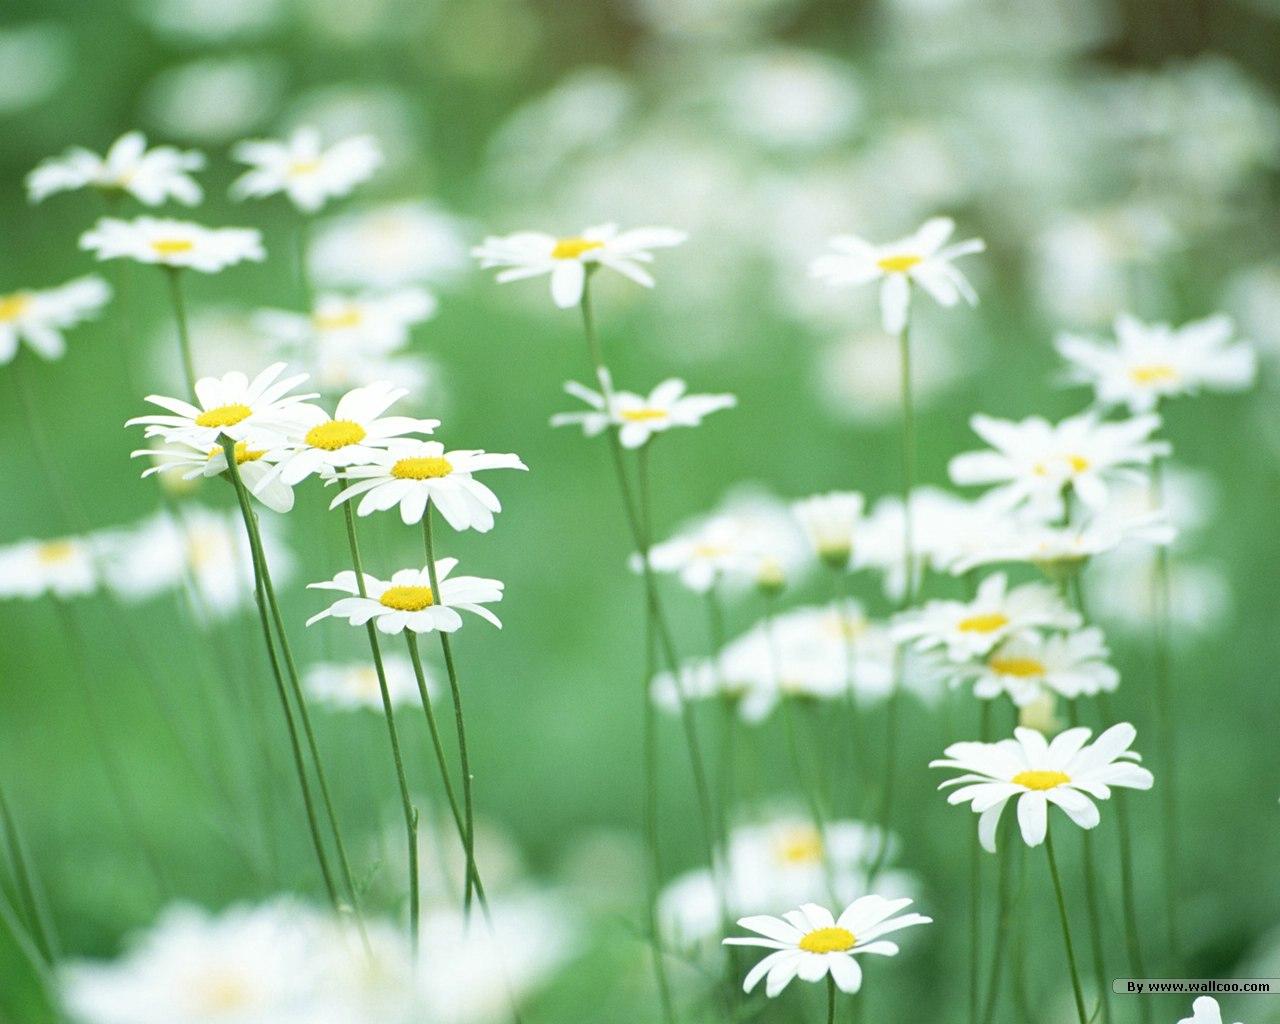 http://2.bp.blogspot.com/-tODJuwHvHP4/UBNvR-3R5FI/AAAAAAAAAls/nH6Xfx_GsAk/s1600/sweet_wildflower_JK010_350A.jpg